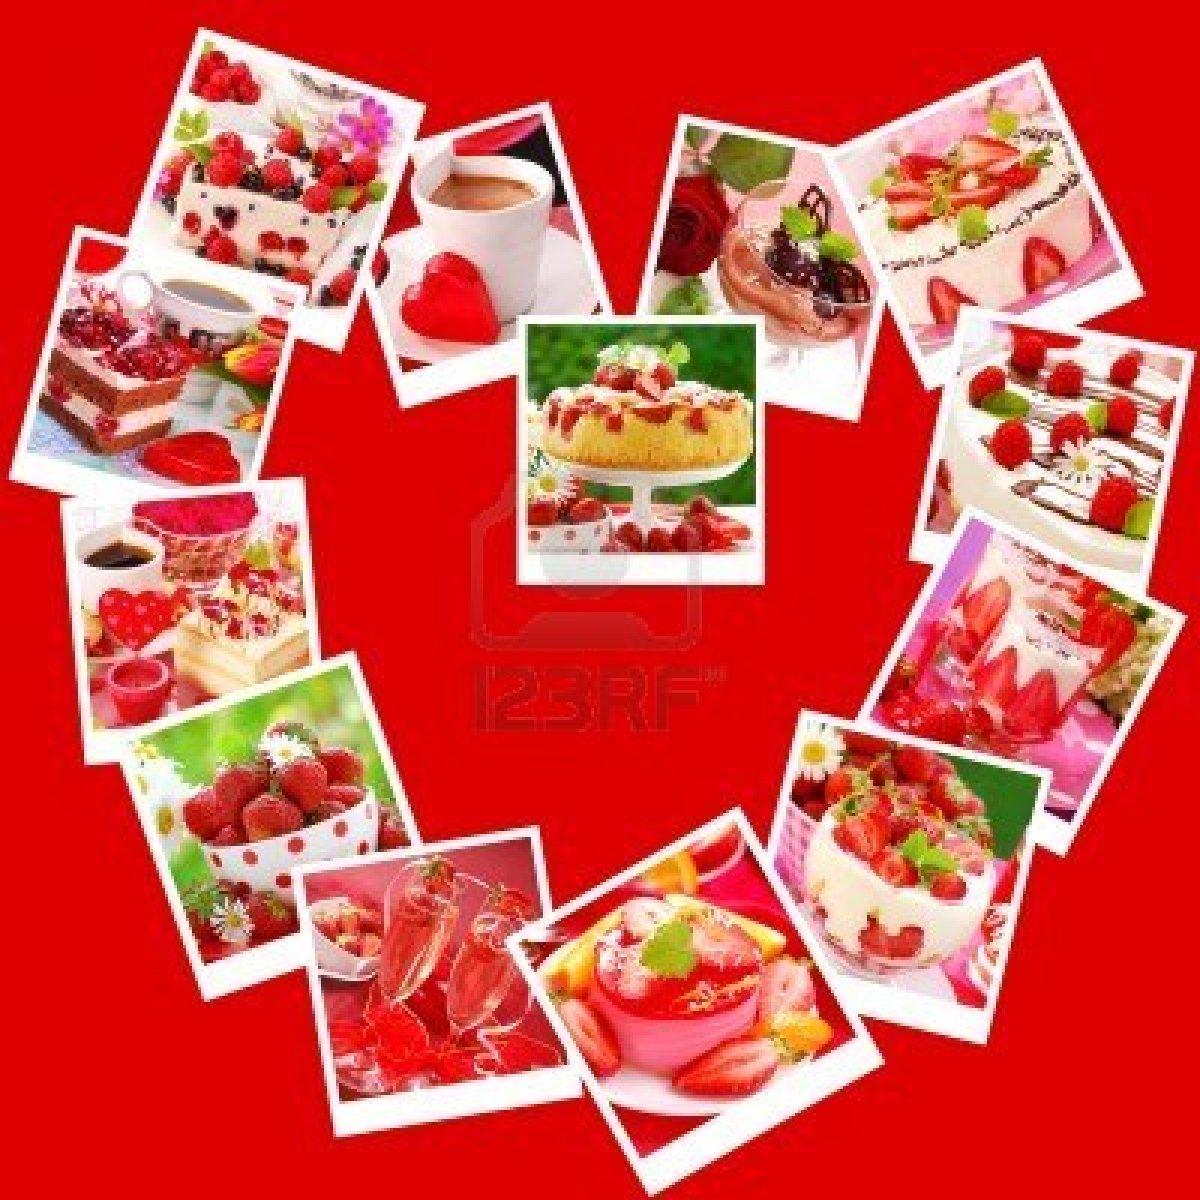 8742957 postres dulces y pasteles para el partido collage de san valentin con imagenes dispuestos en forma d Collages para el día de los enamorados